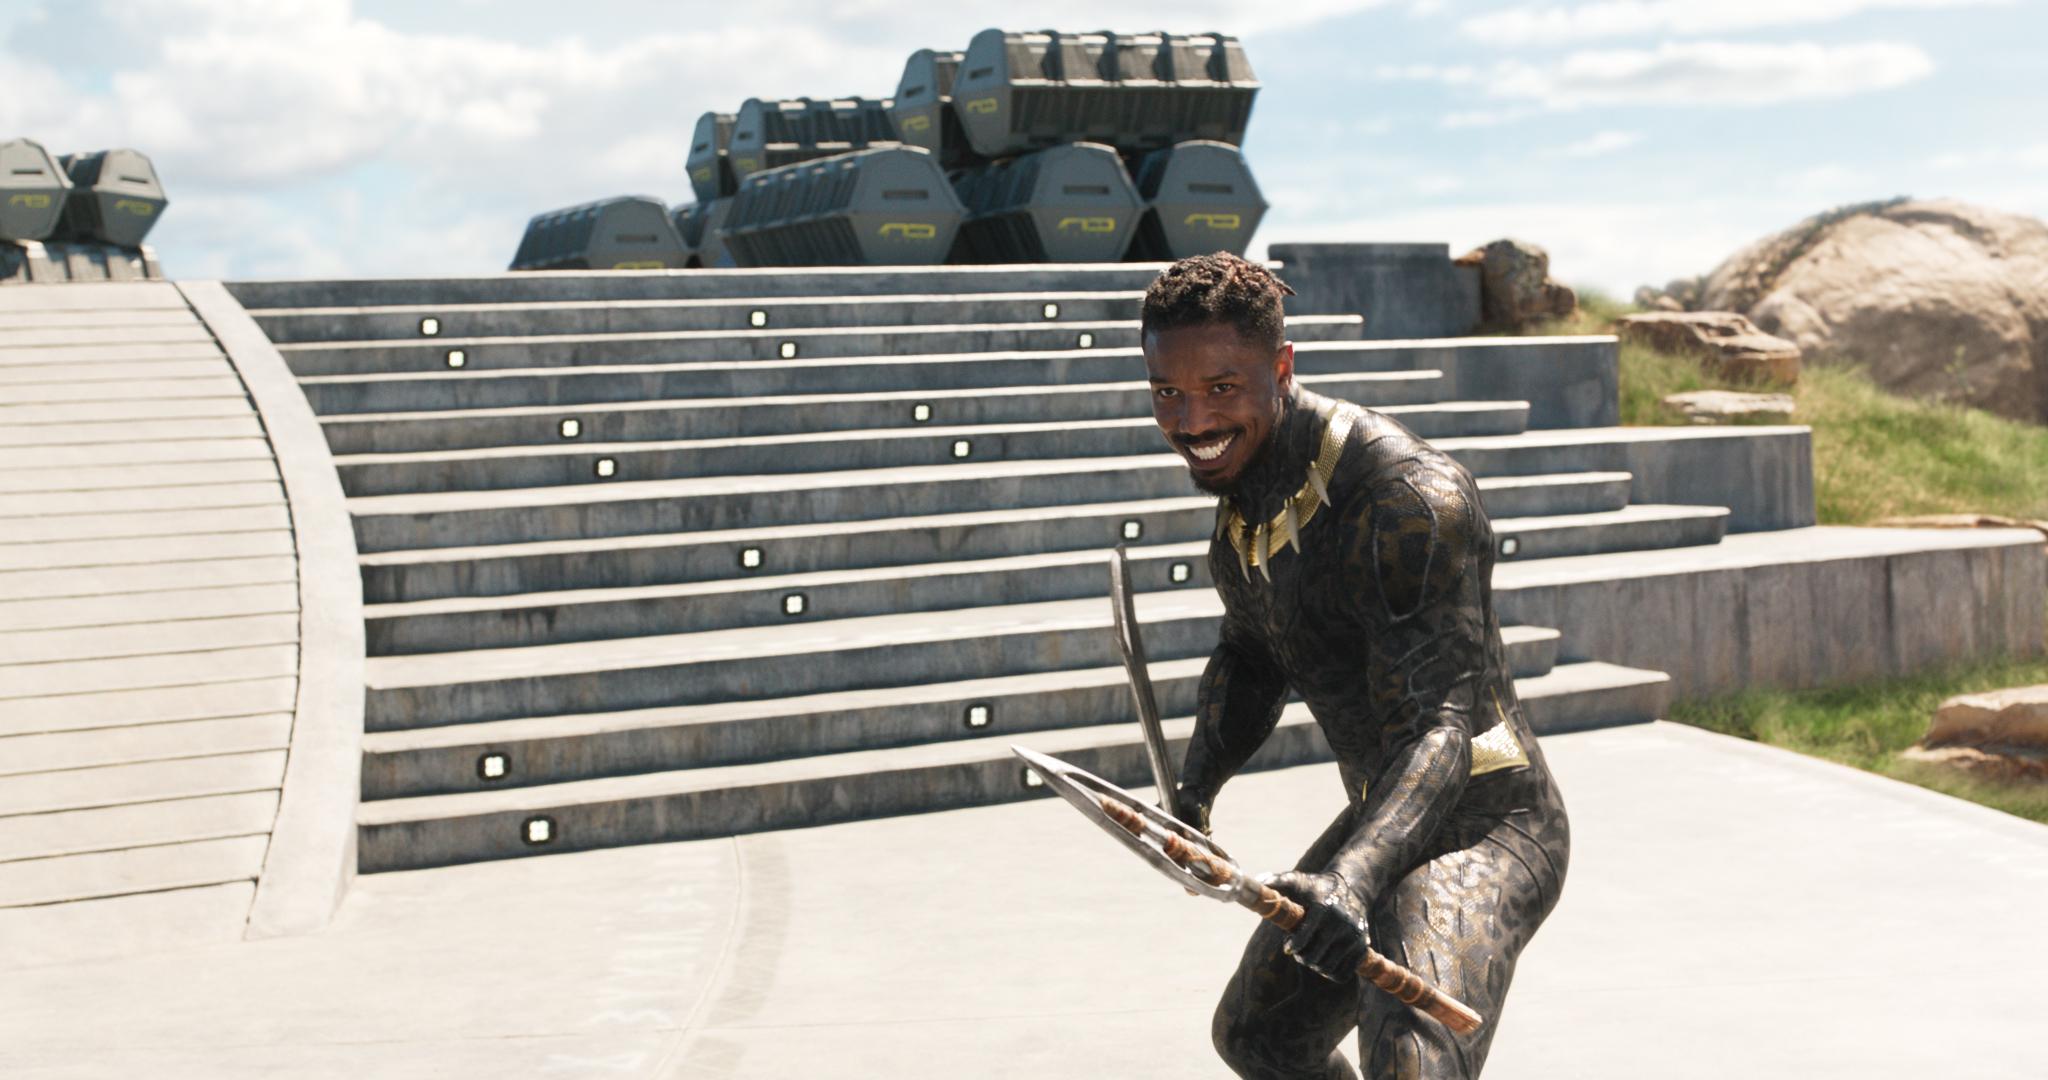 Erik Killmonger (Michael B. Jordan) in Black Panther